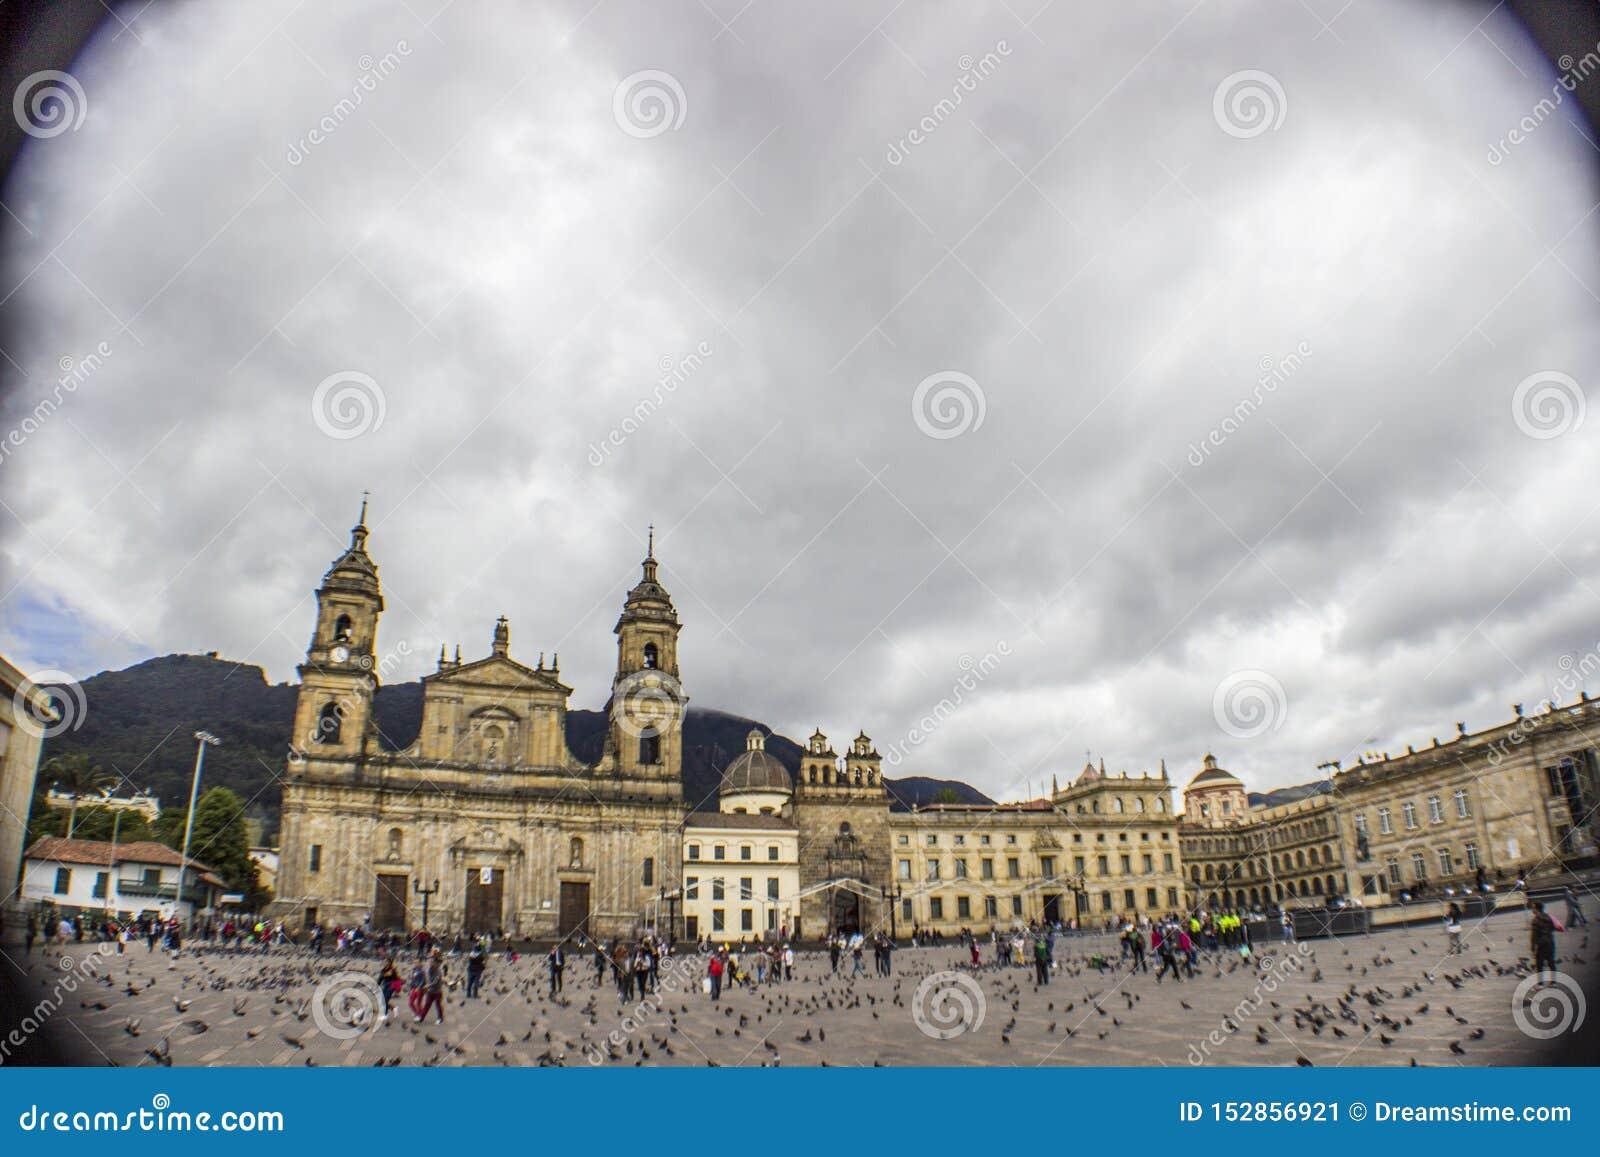 Колониальный городской bogota Колумбия панорамная